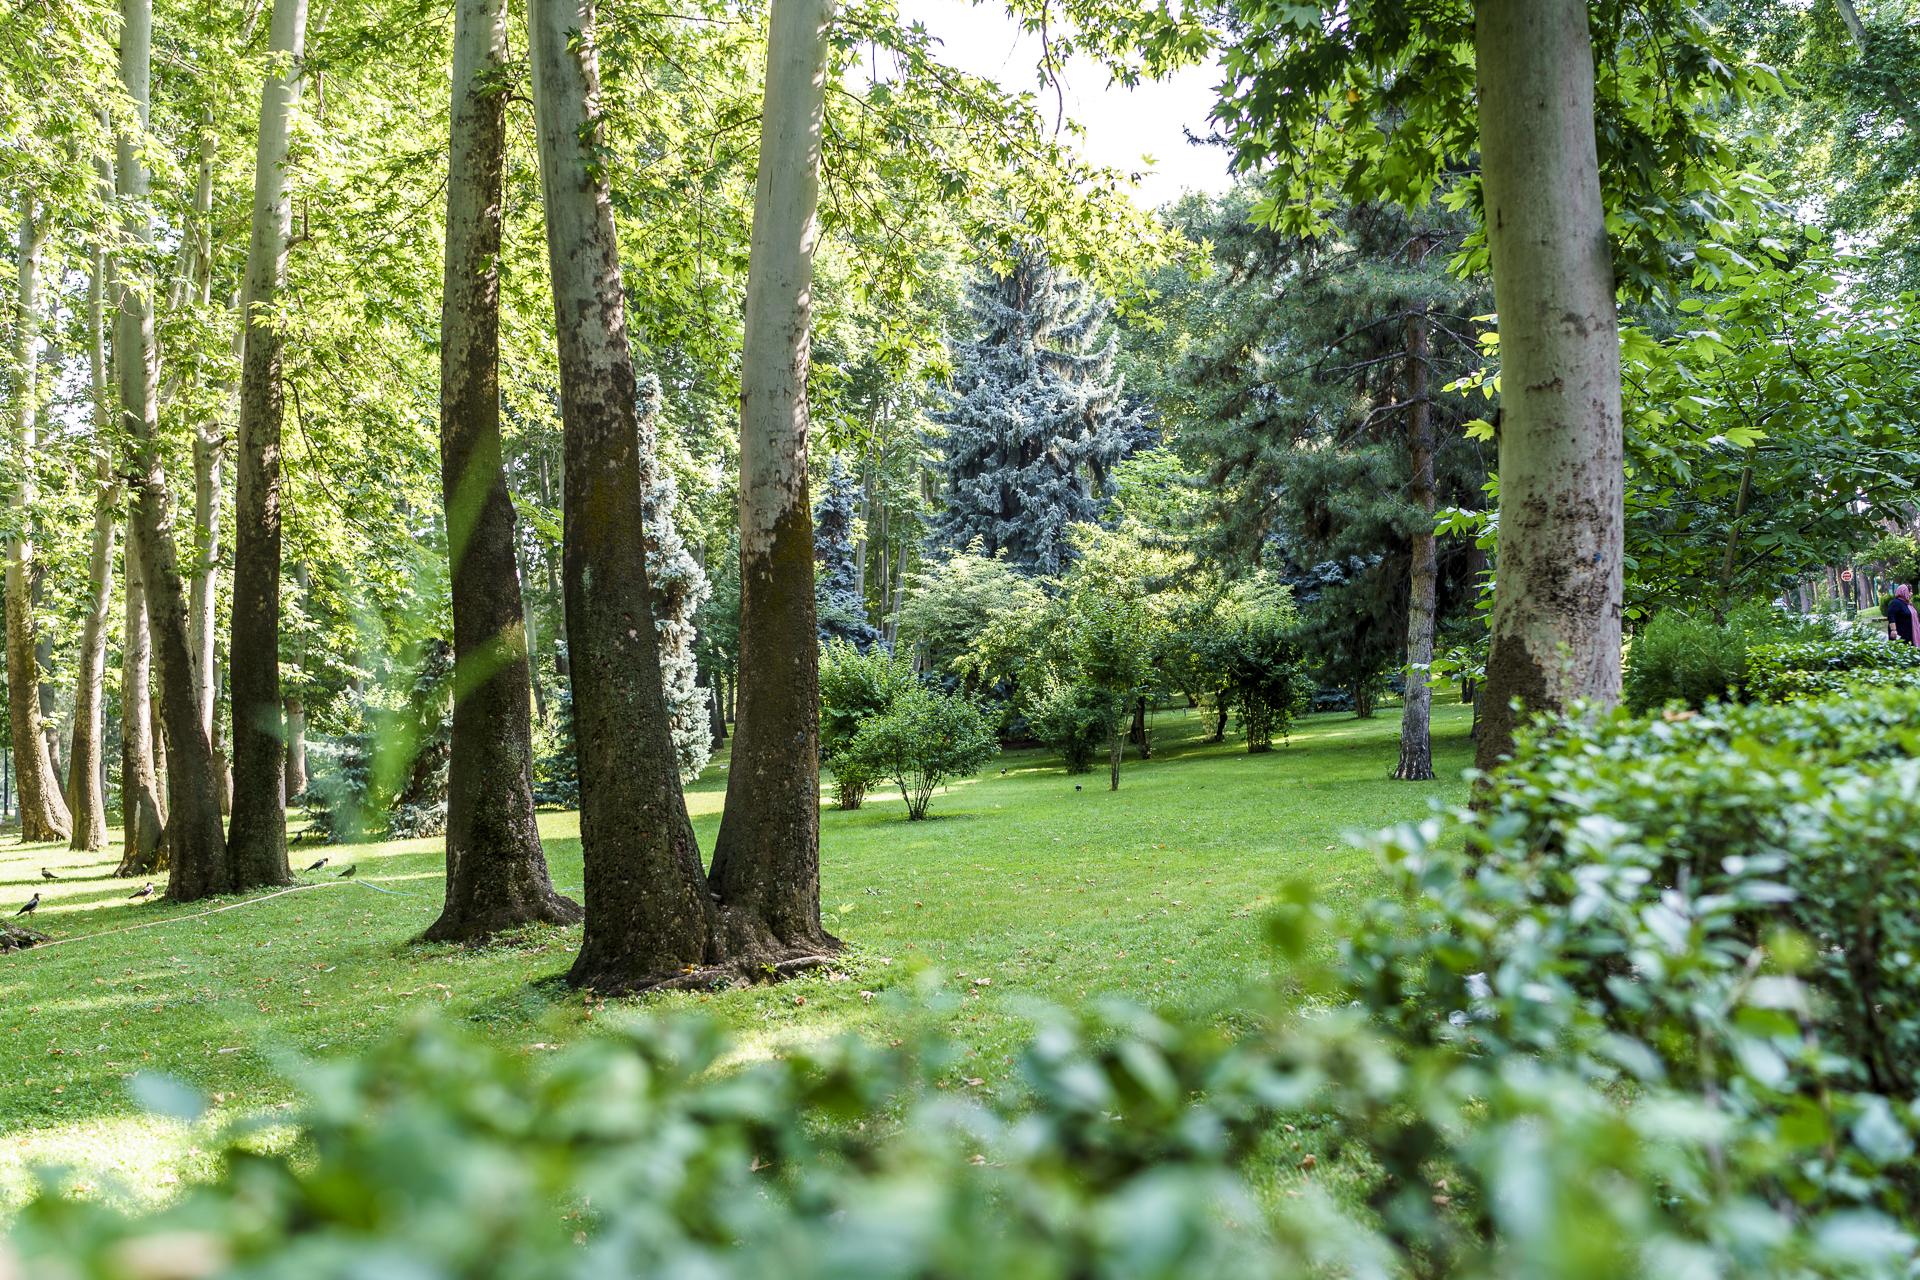 Saadabad Palastanlage grüne Oase